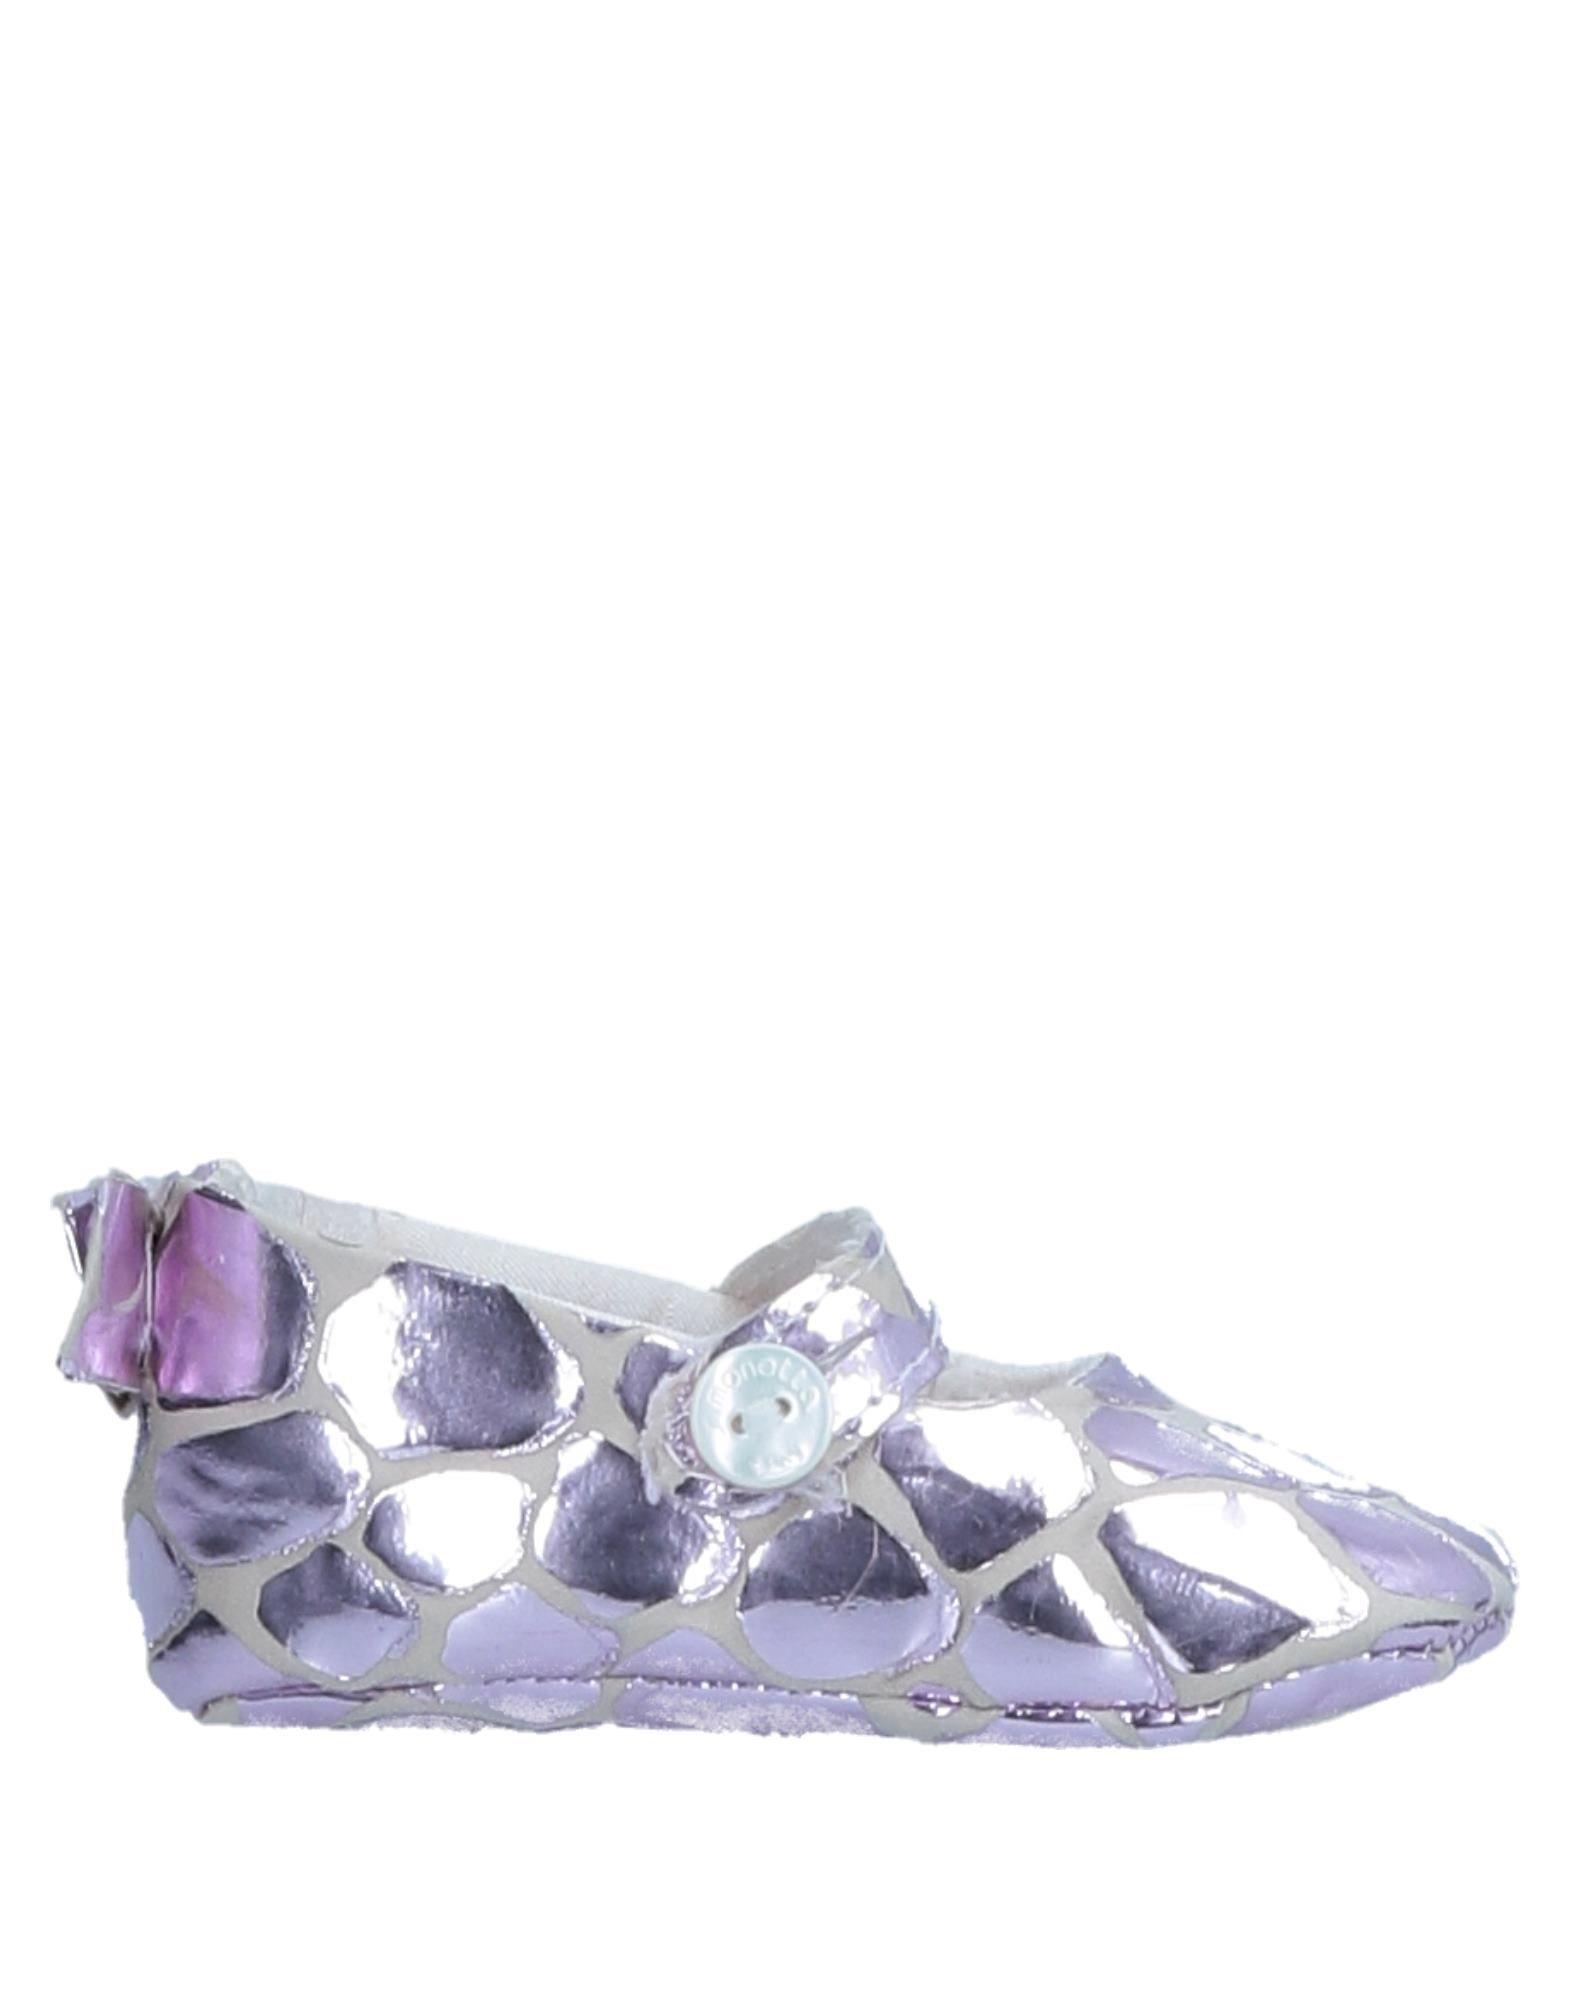 SIMONETTA TINY Обувь для новорожденных обувь для детей